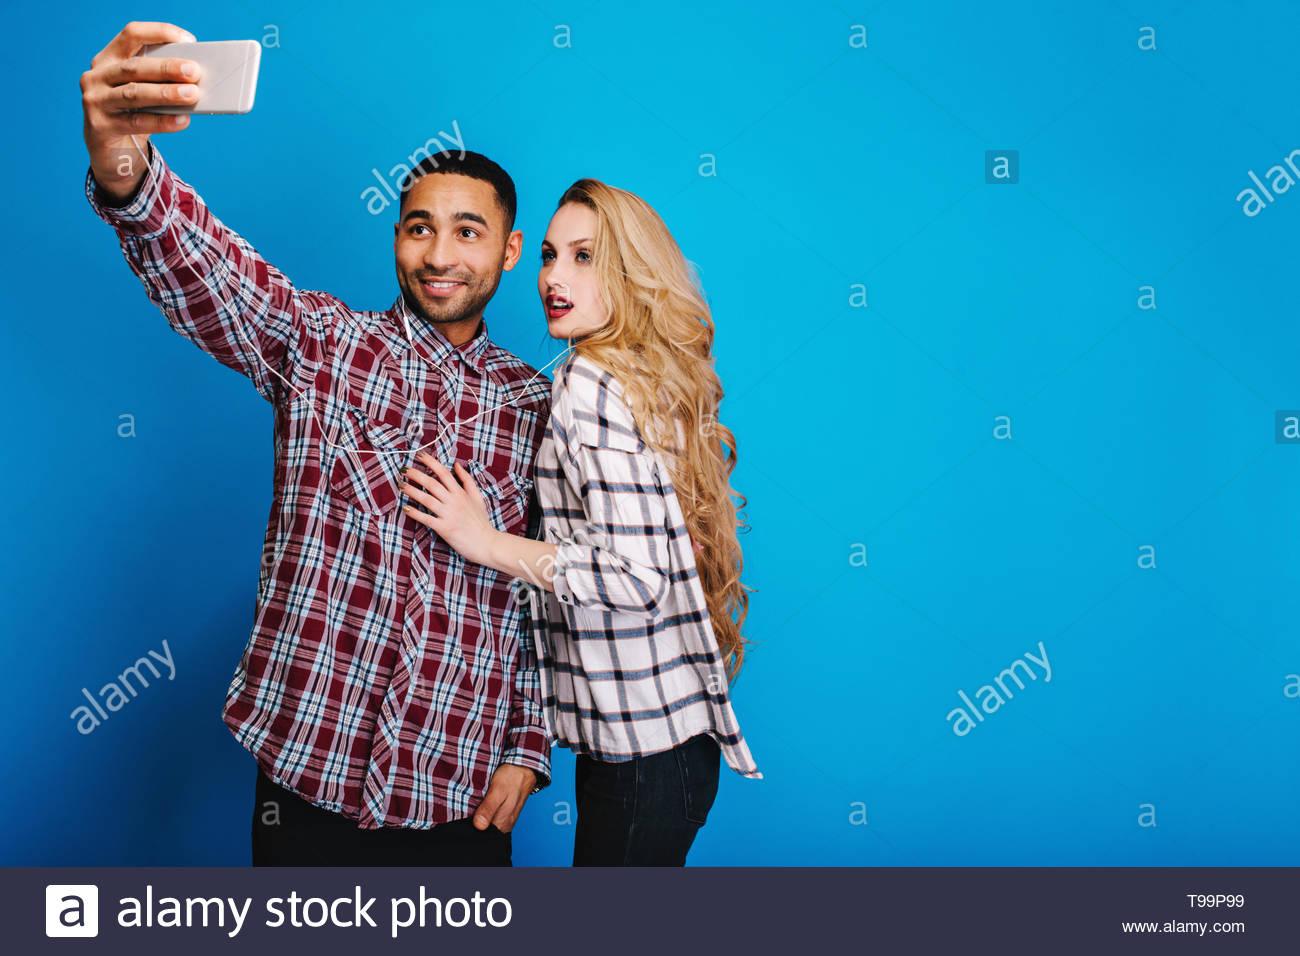 Elegante bello ragazzo rendendo selfie ritratto con attraente giovane donna con capelli lunghi biondi su sfondo blu. Divertimento e buon umore, rilassante, tempo libero, hobby. Posto per il testo Immagini Stock